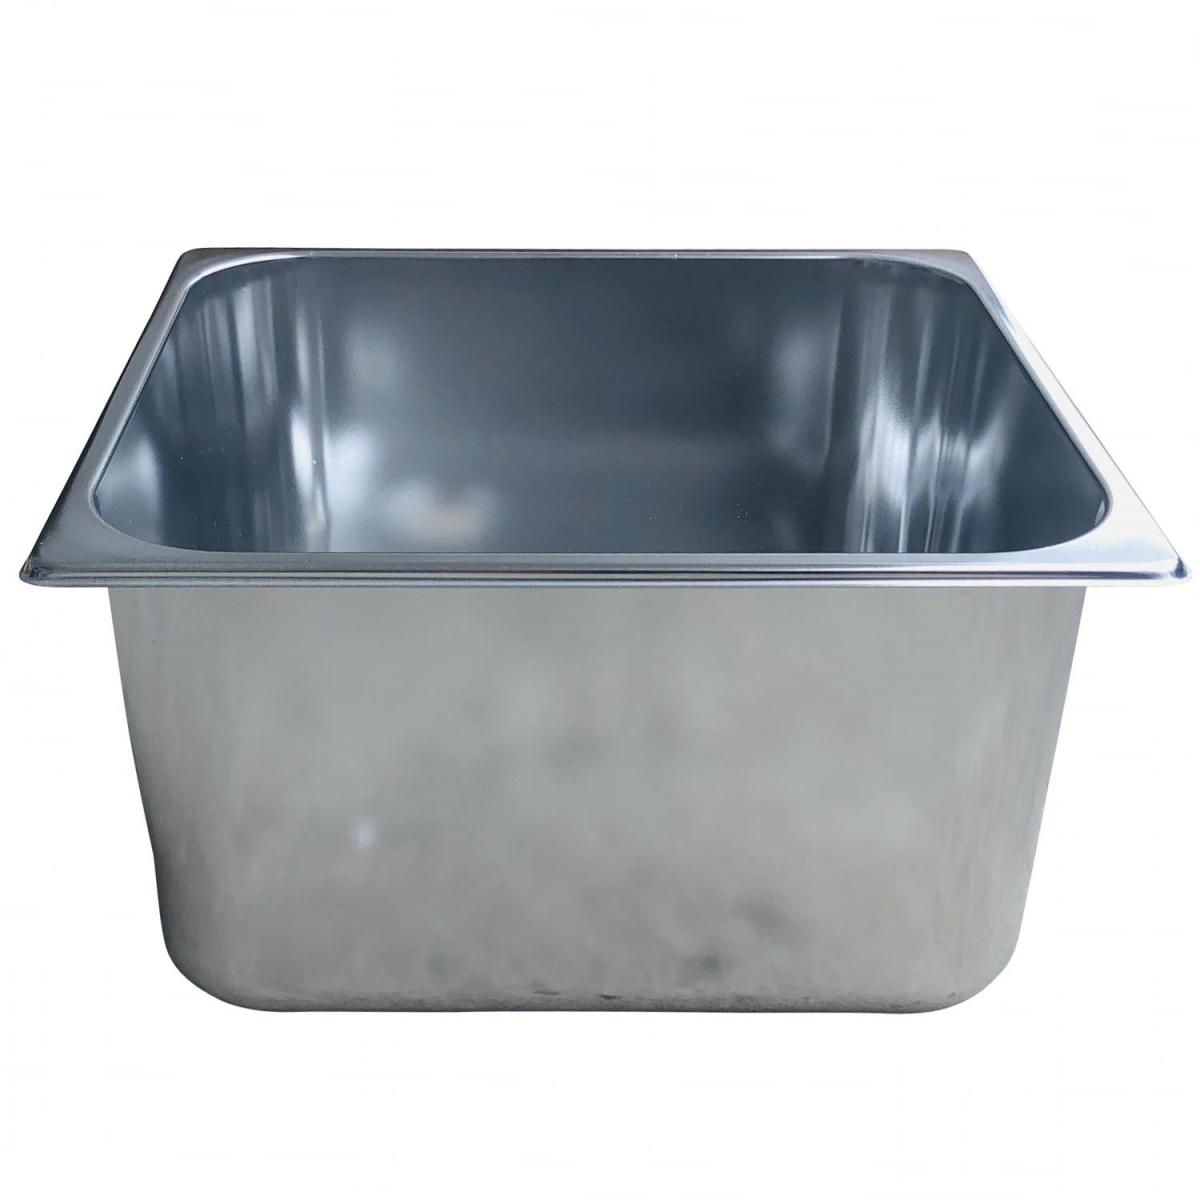 Spülbecken 330 x 300 mm, 200 mm tief ~ Spülbecken In Arbeitsplatte Einlassen